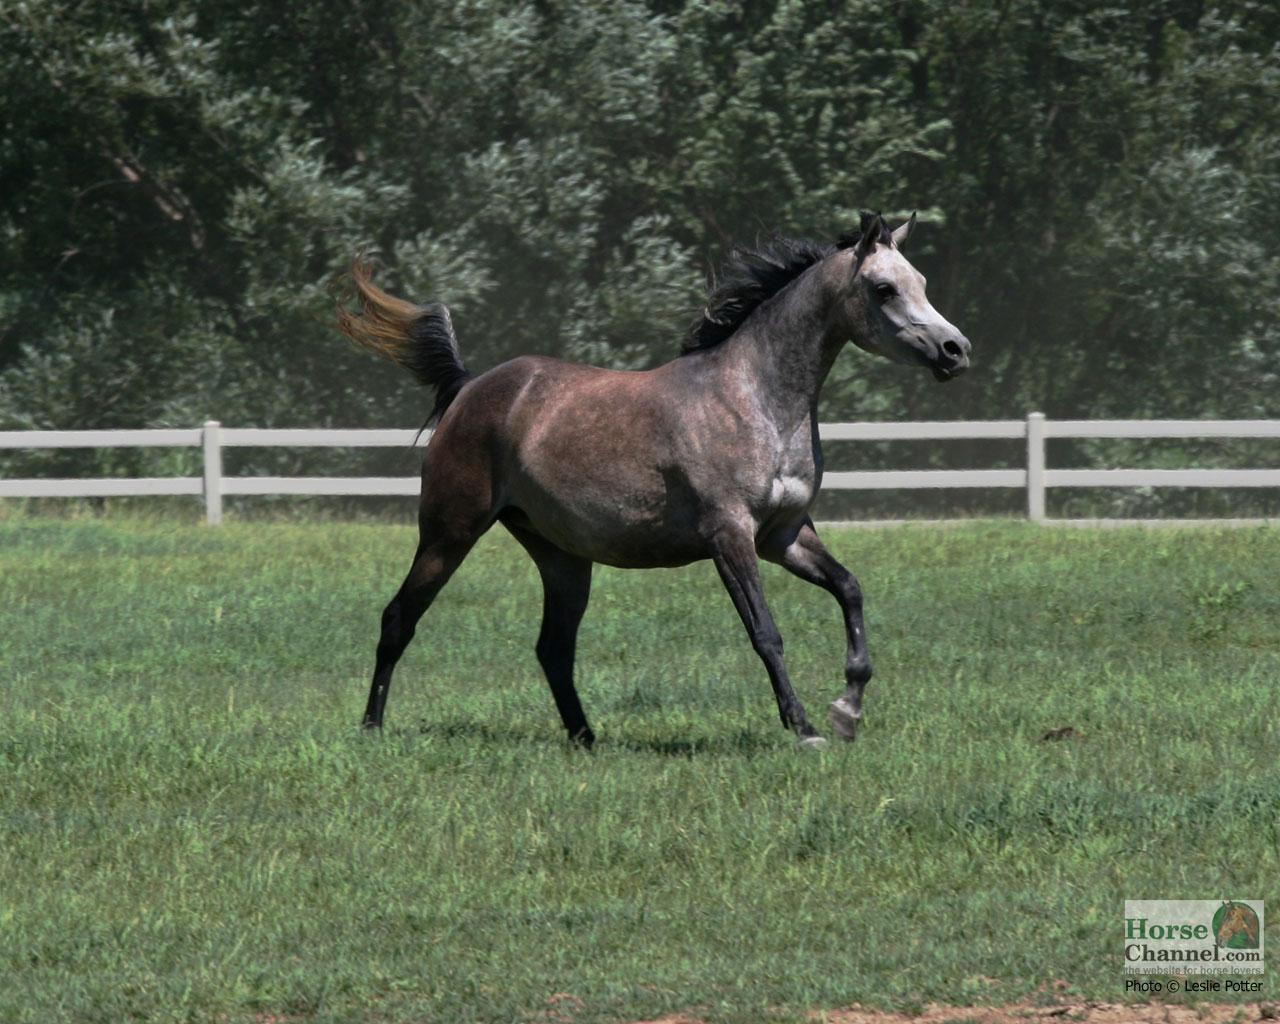 Arabian Horse Screensaver And Desktop Wallpapers Horse Illustrated